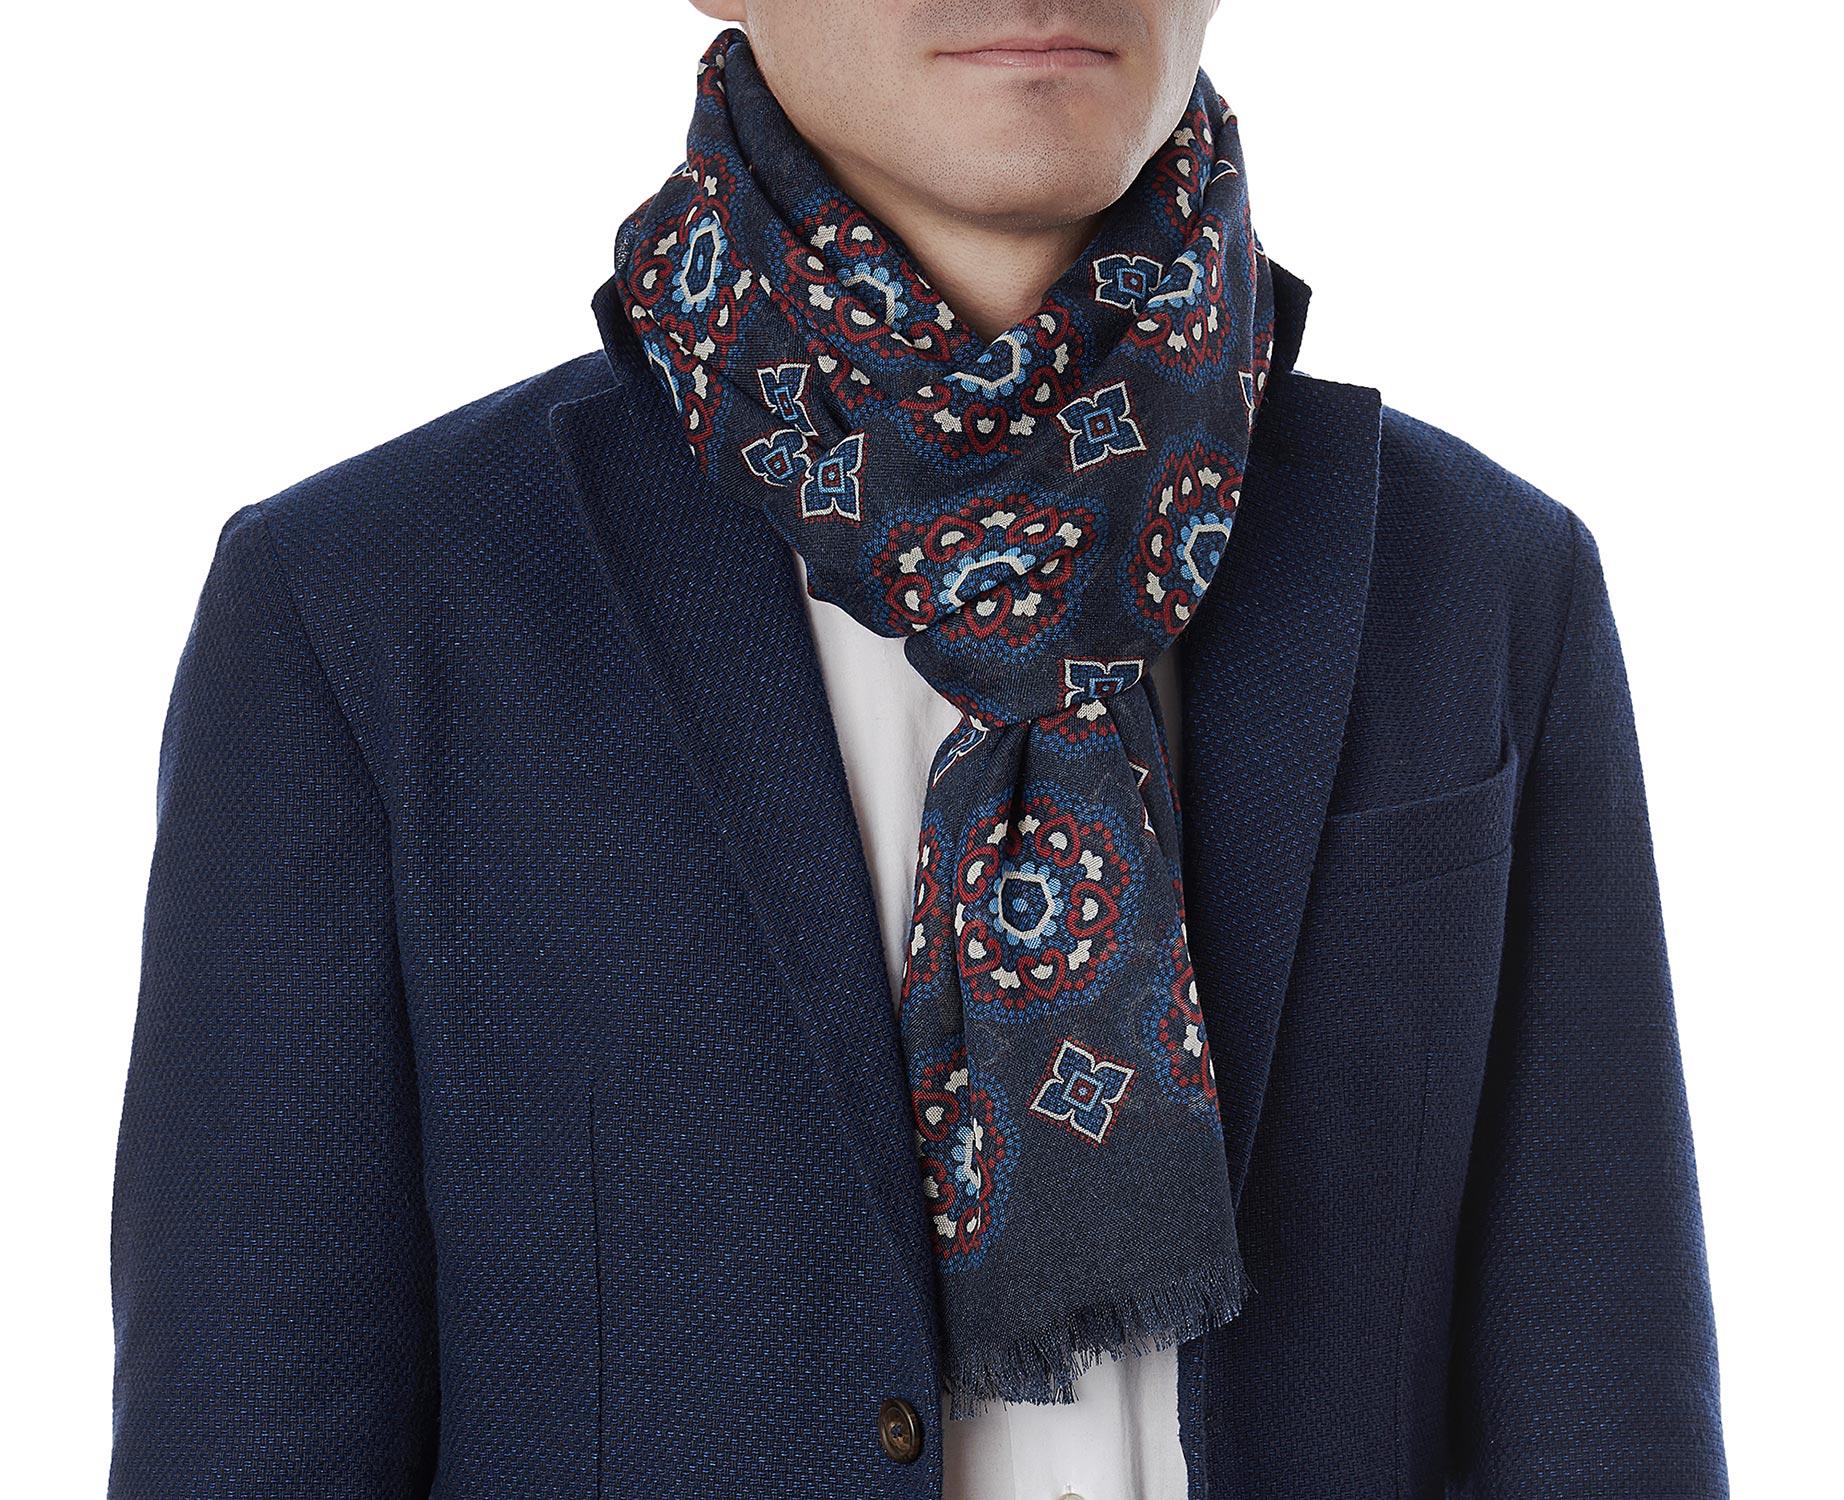 social_scarves_3111626994